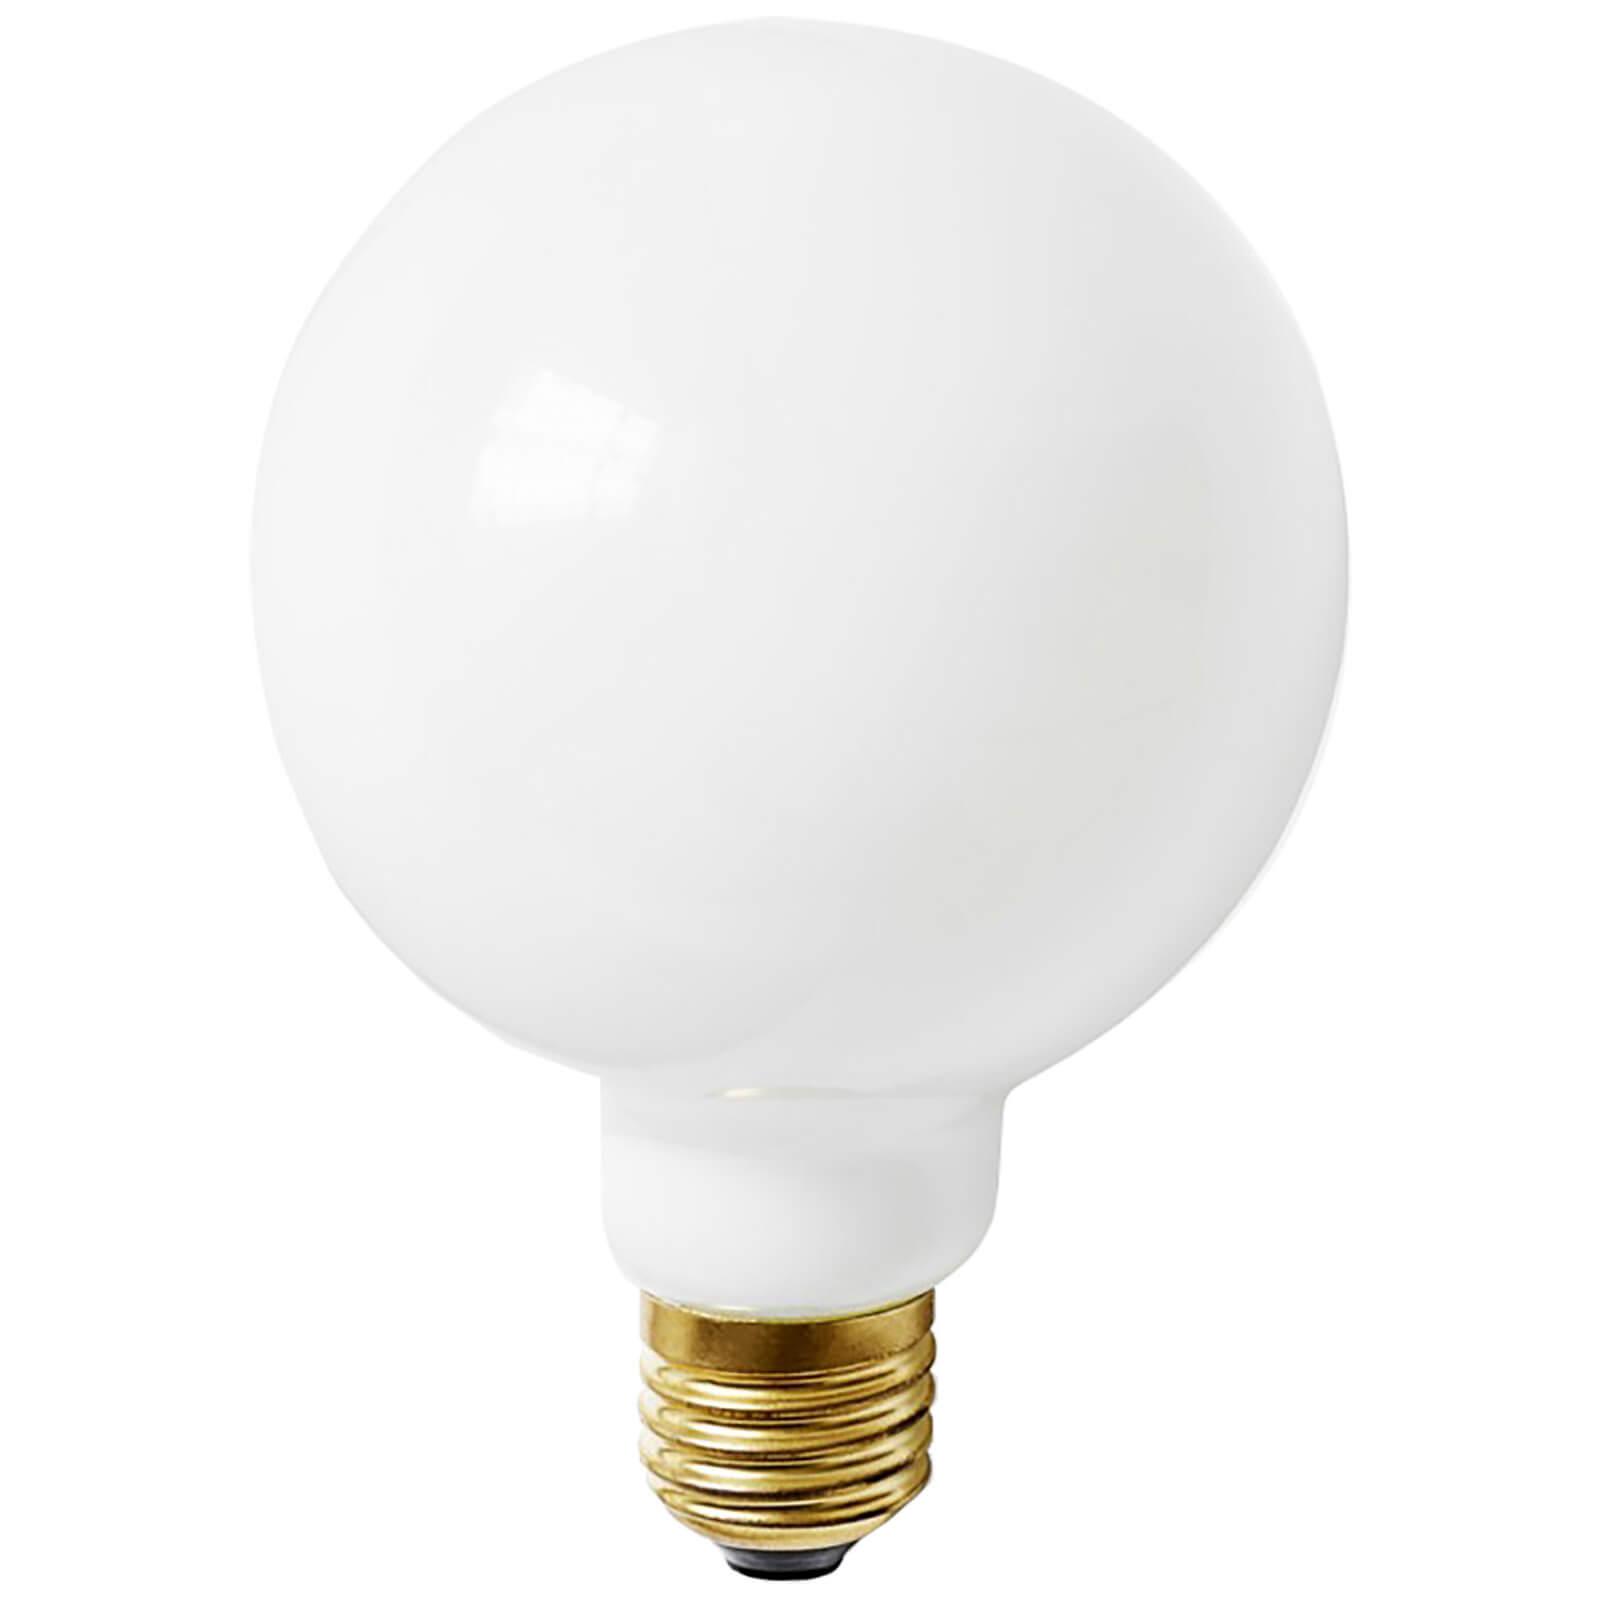 Menu Globe Light LED Bulb